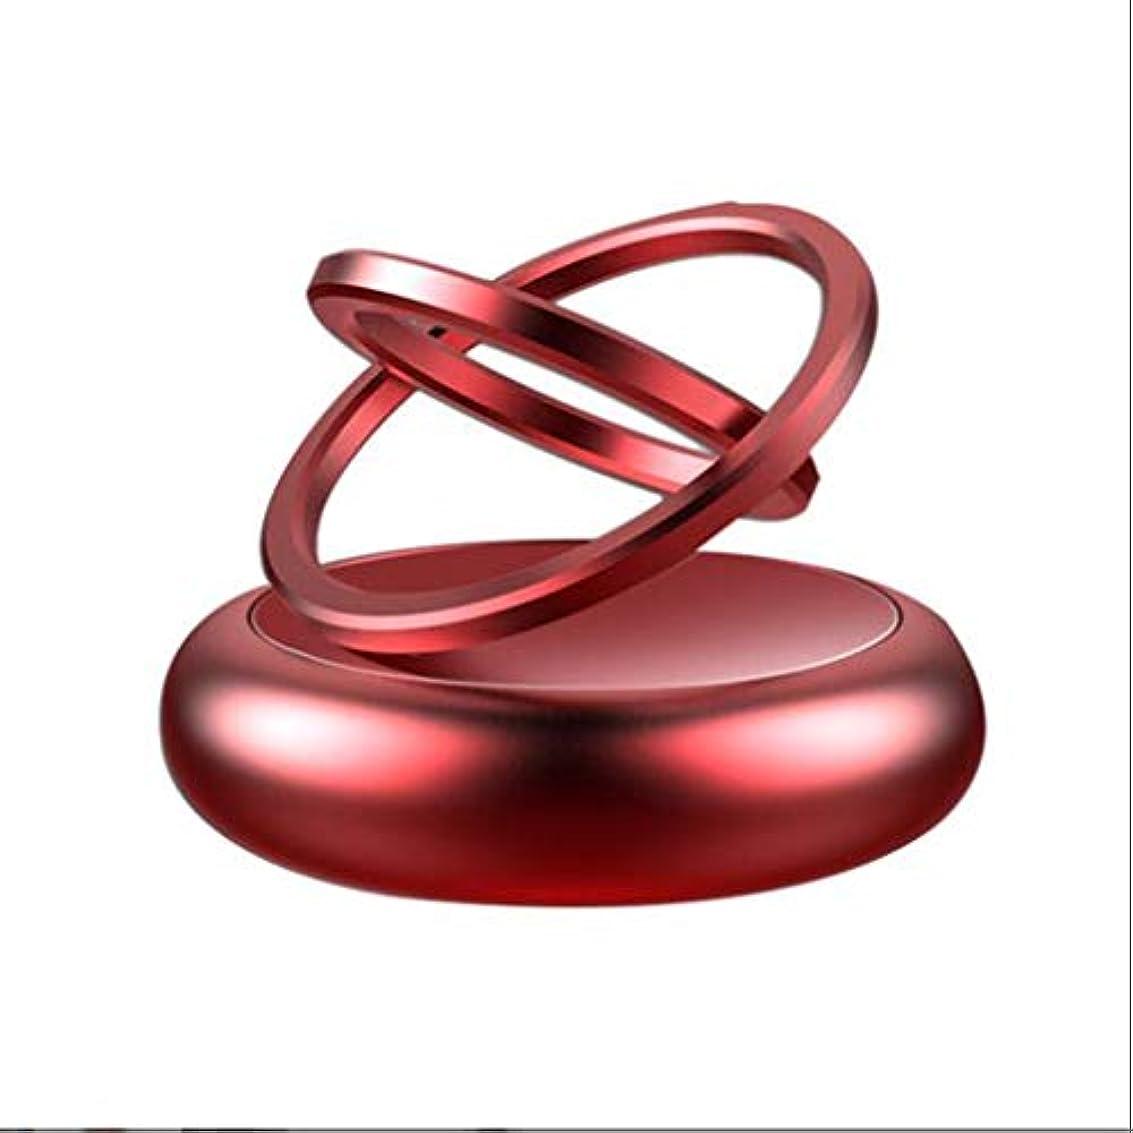 塩水素ソーセージアロマディフューザーエッセンシャルオイルカーディフューザーオートモーティブダブルループサスペンション回転式アロマテラピーライトフレグランスソリッドバーム(2セット),赤